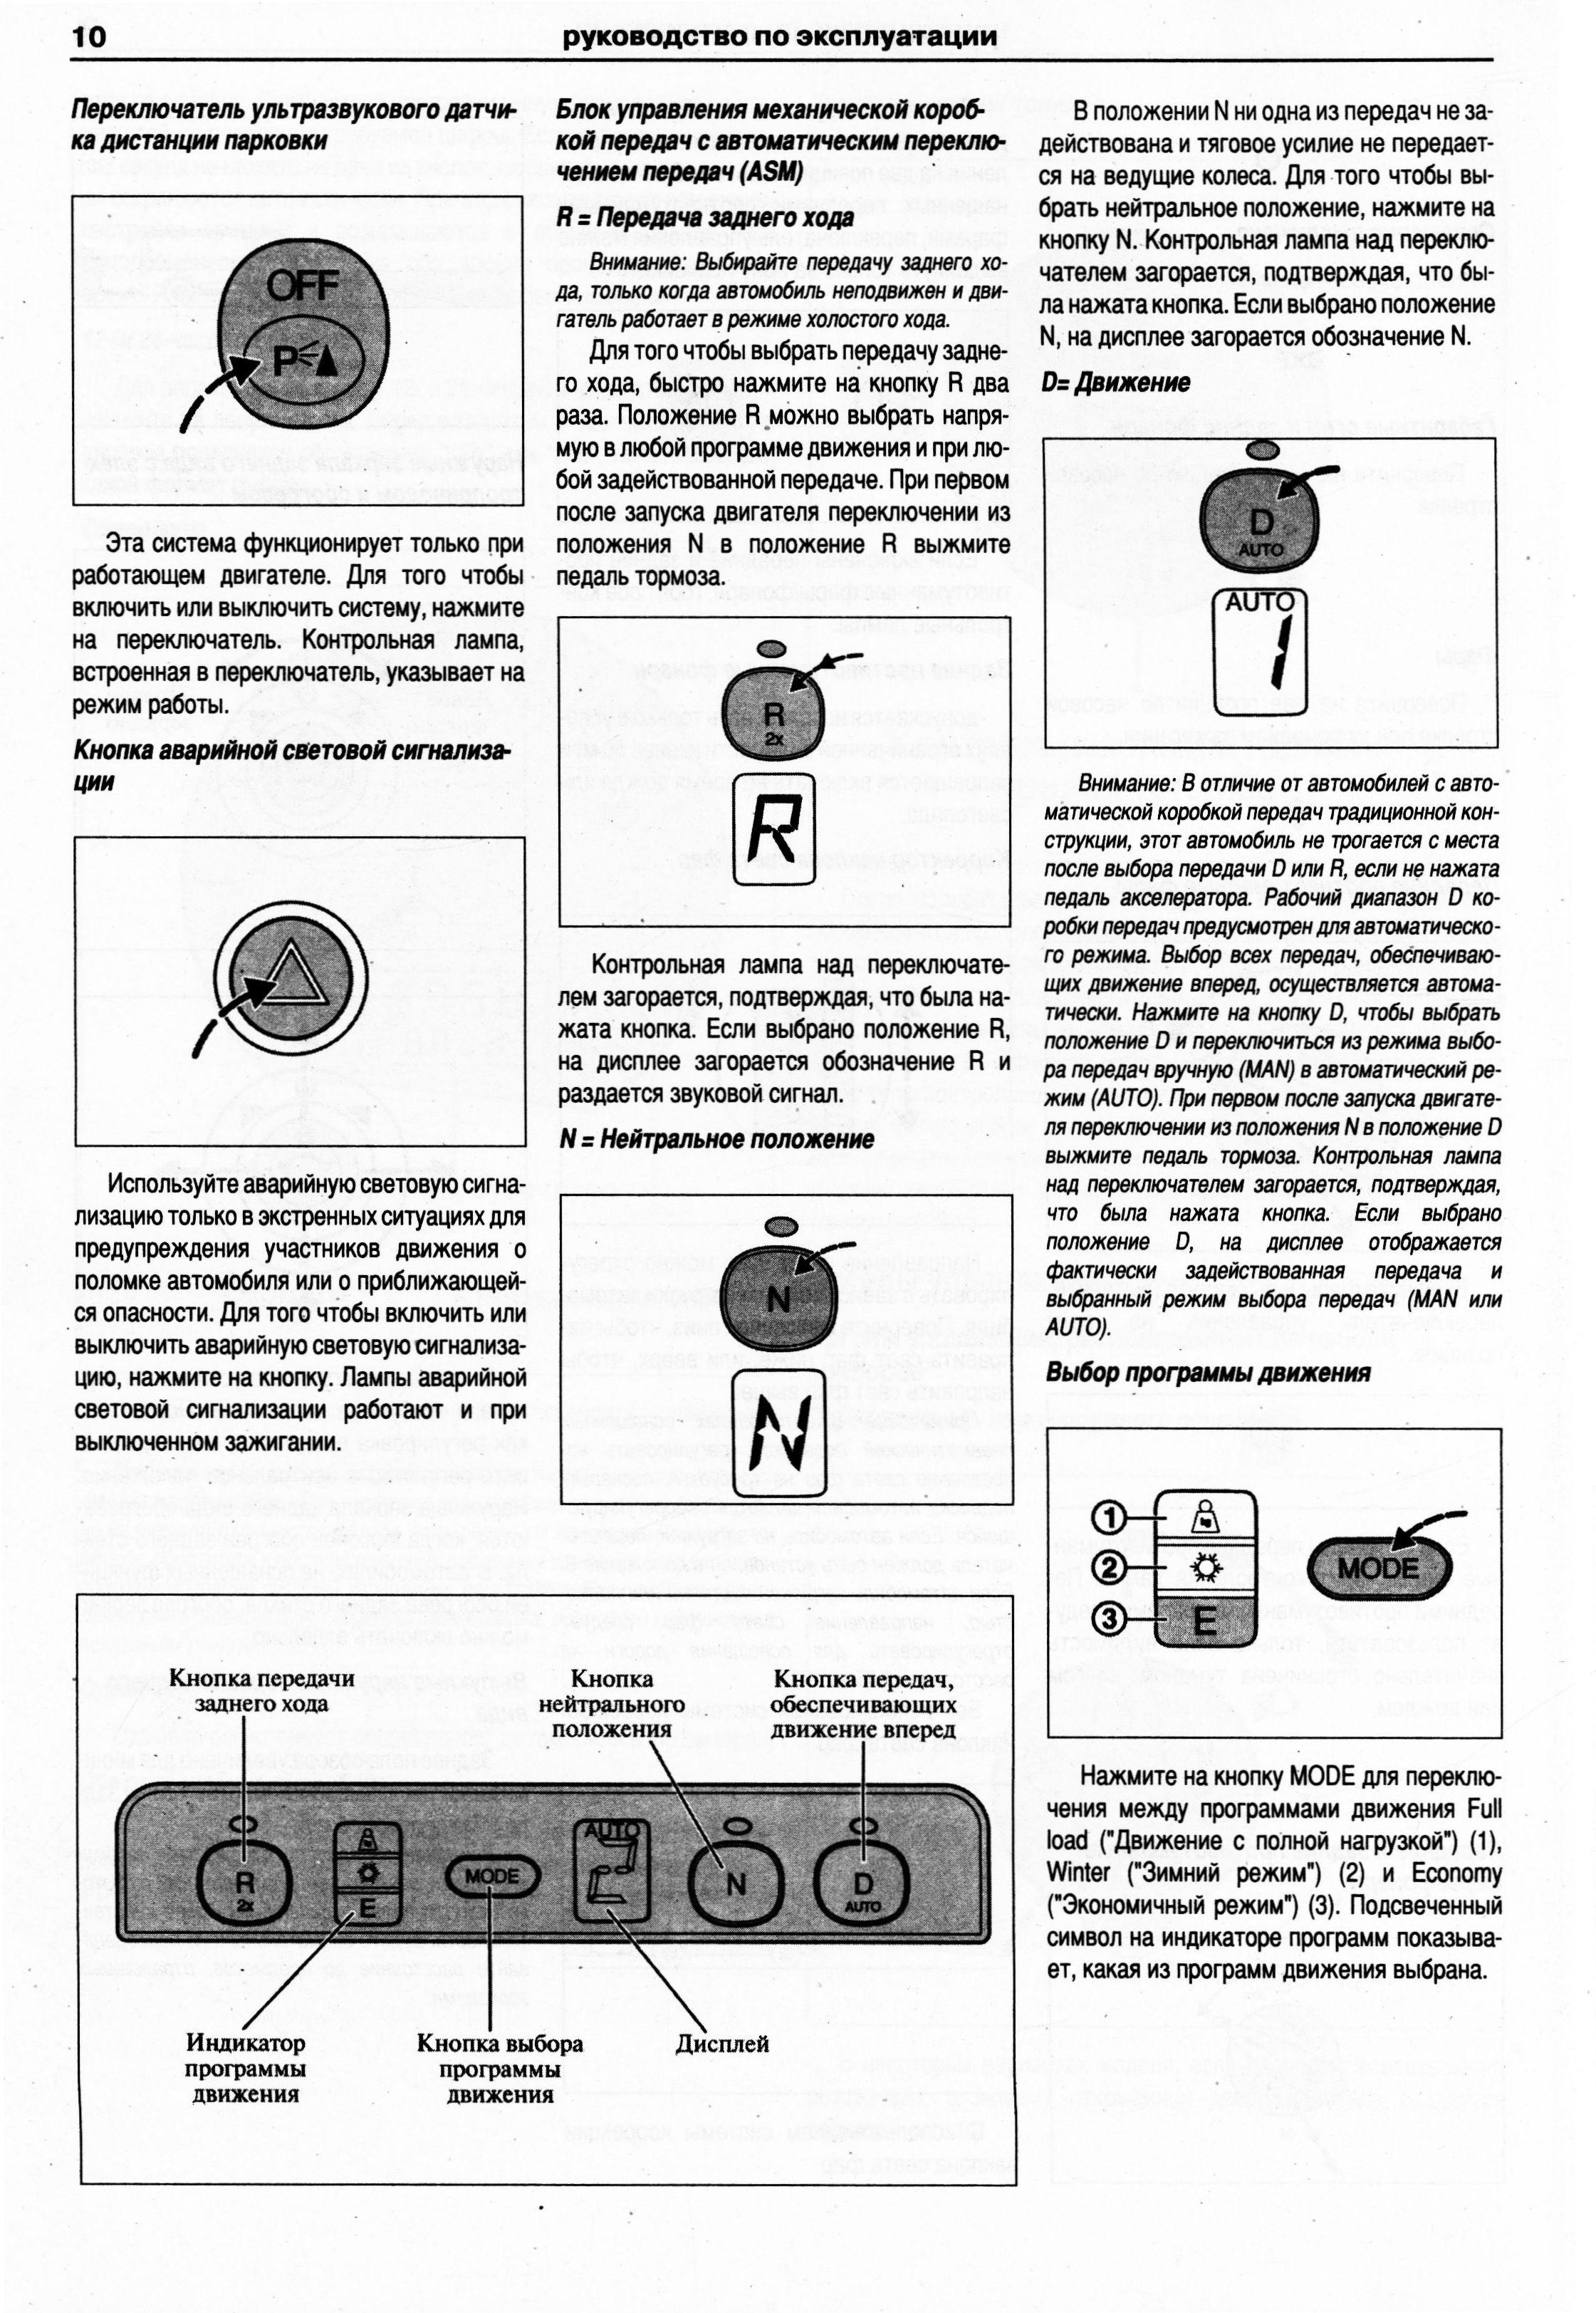 Степпер торнео инструкция по эксплуатации